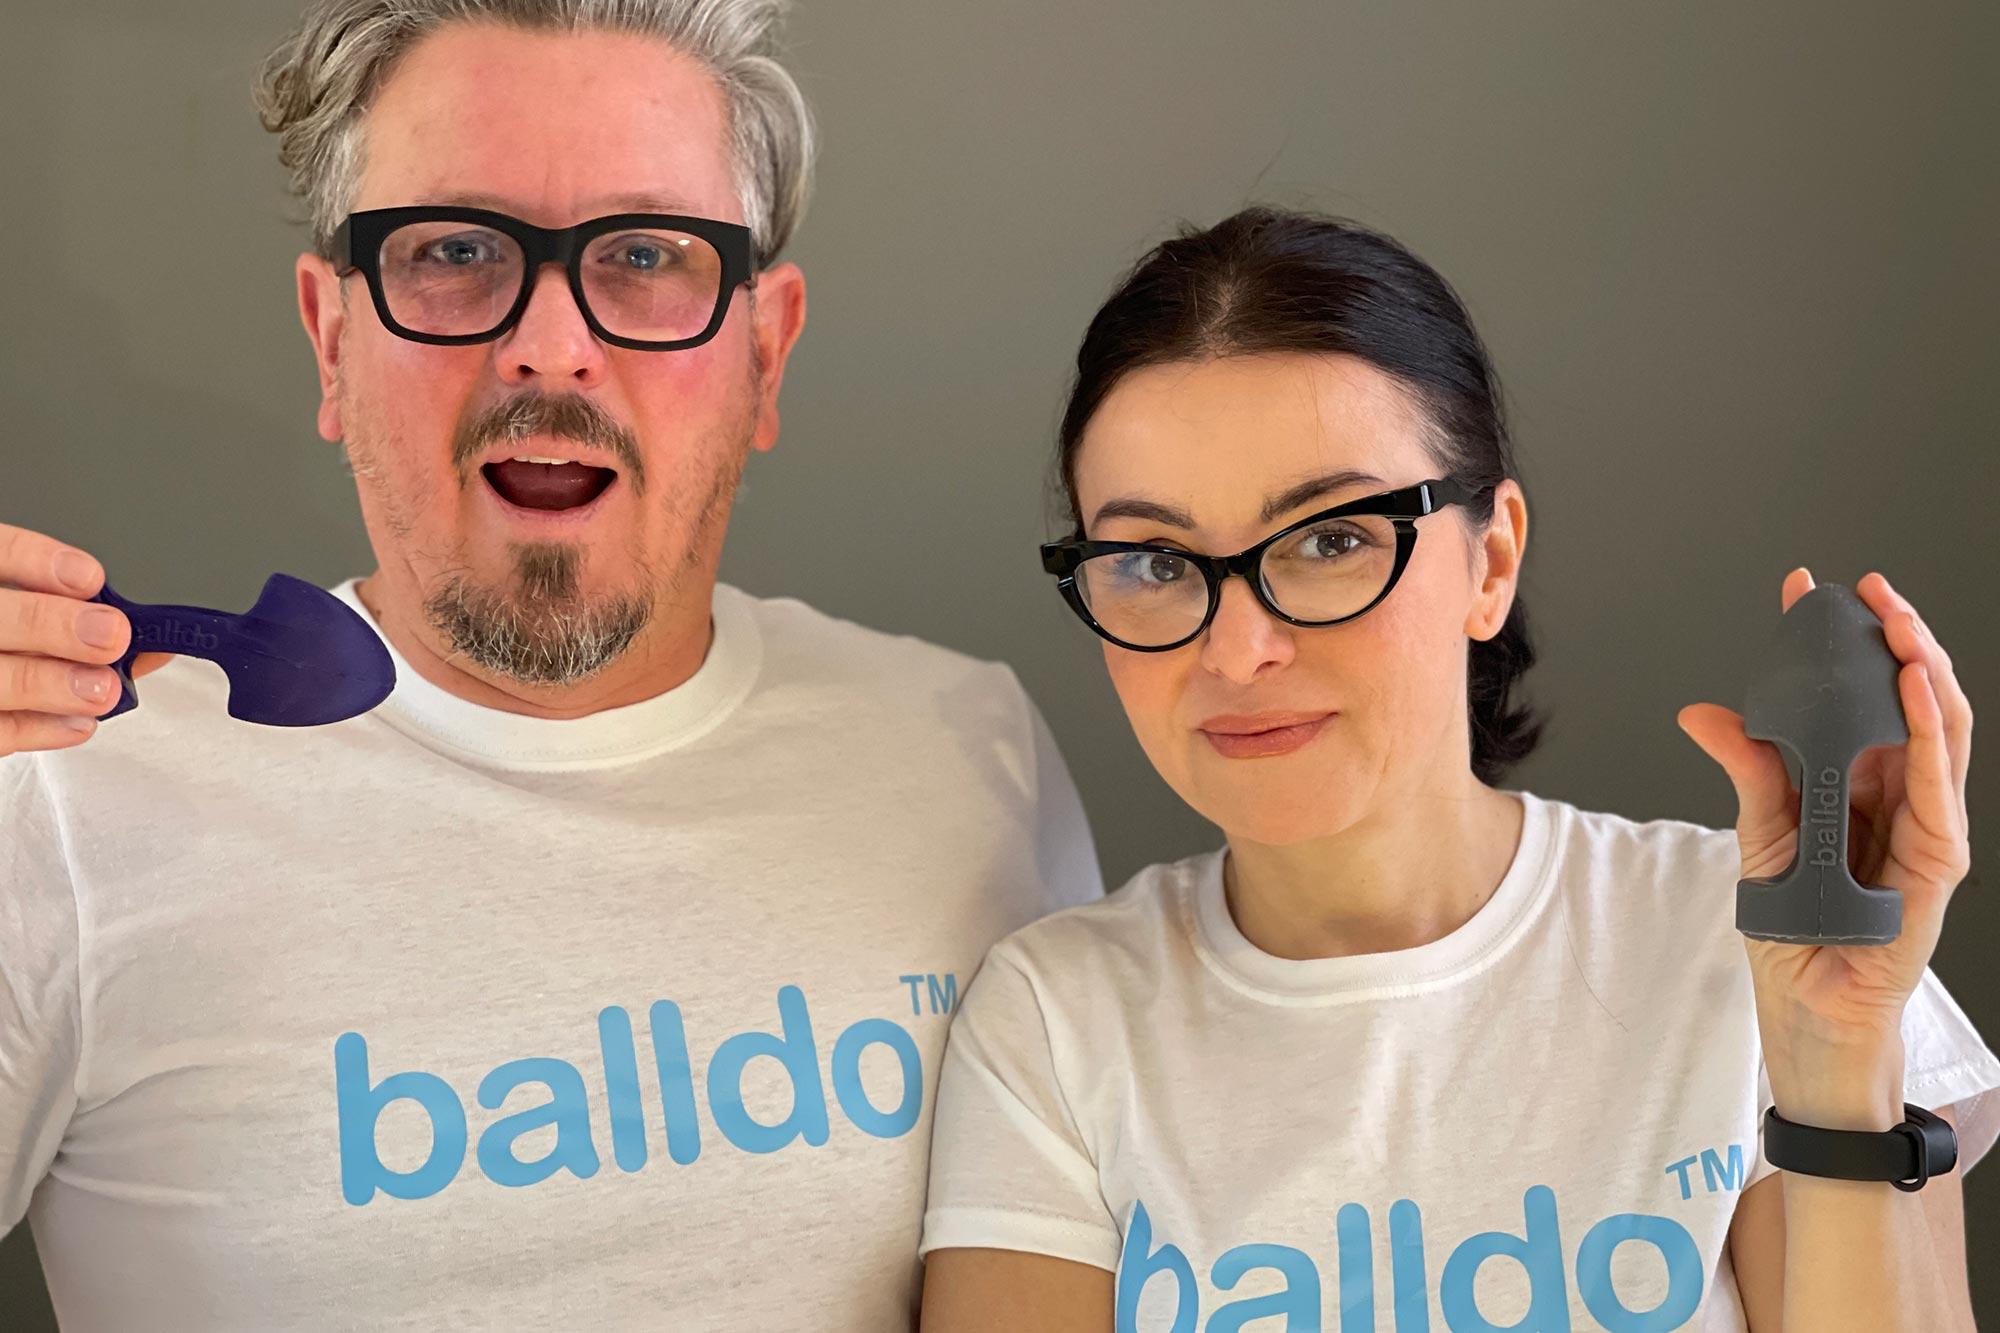 Balldo Attachable Dildo For Testicles